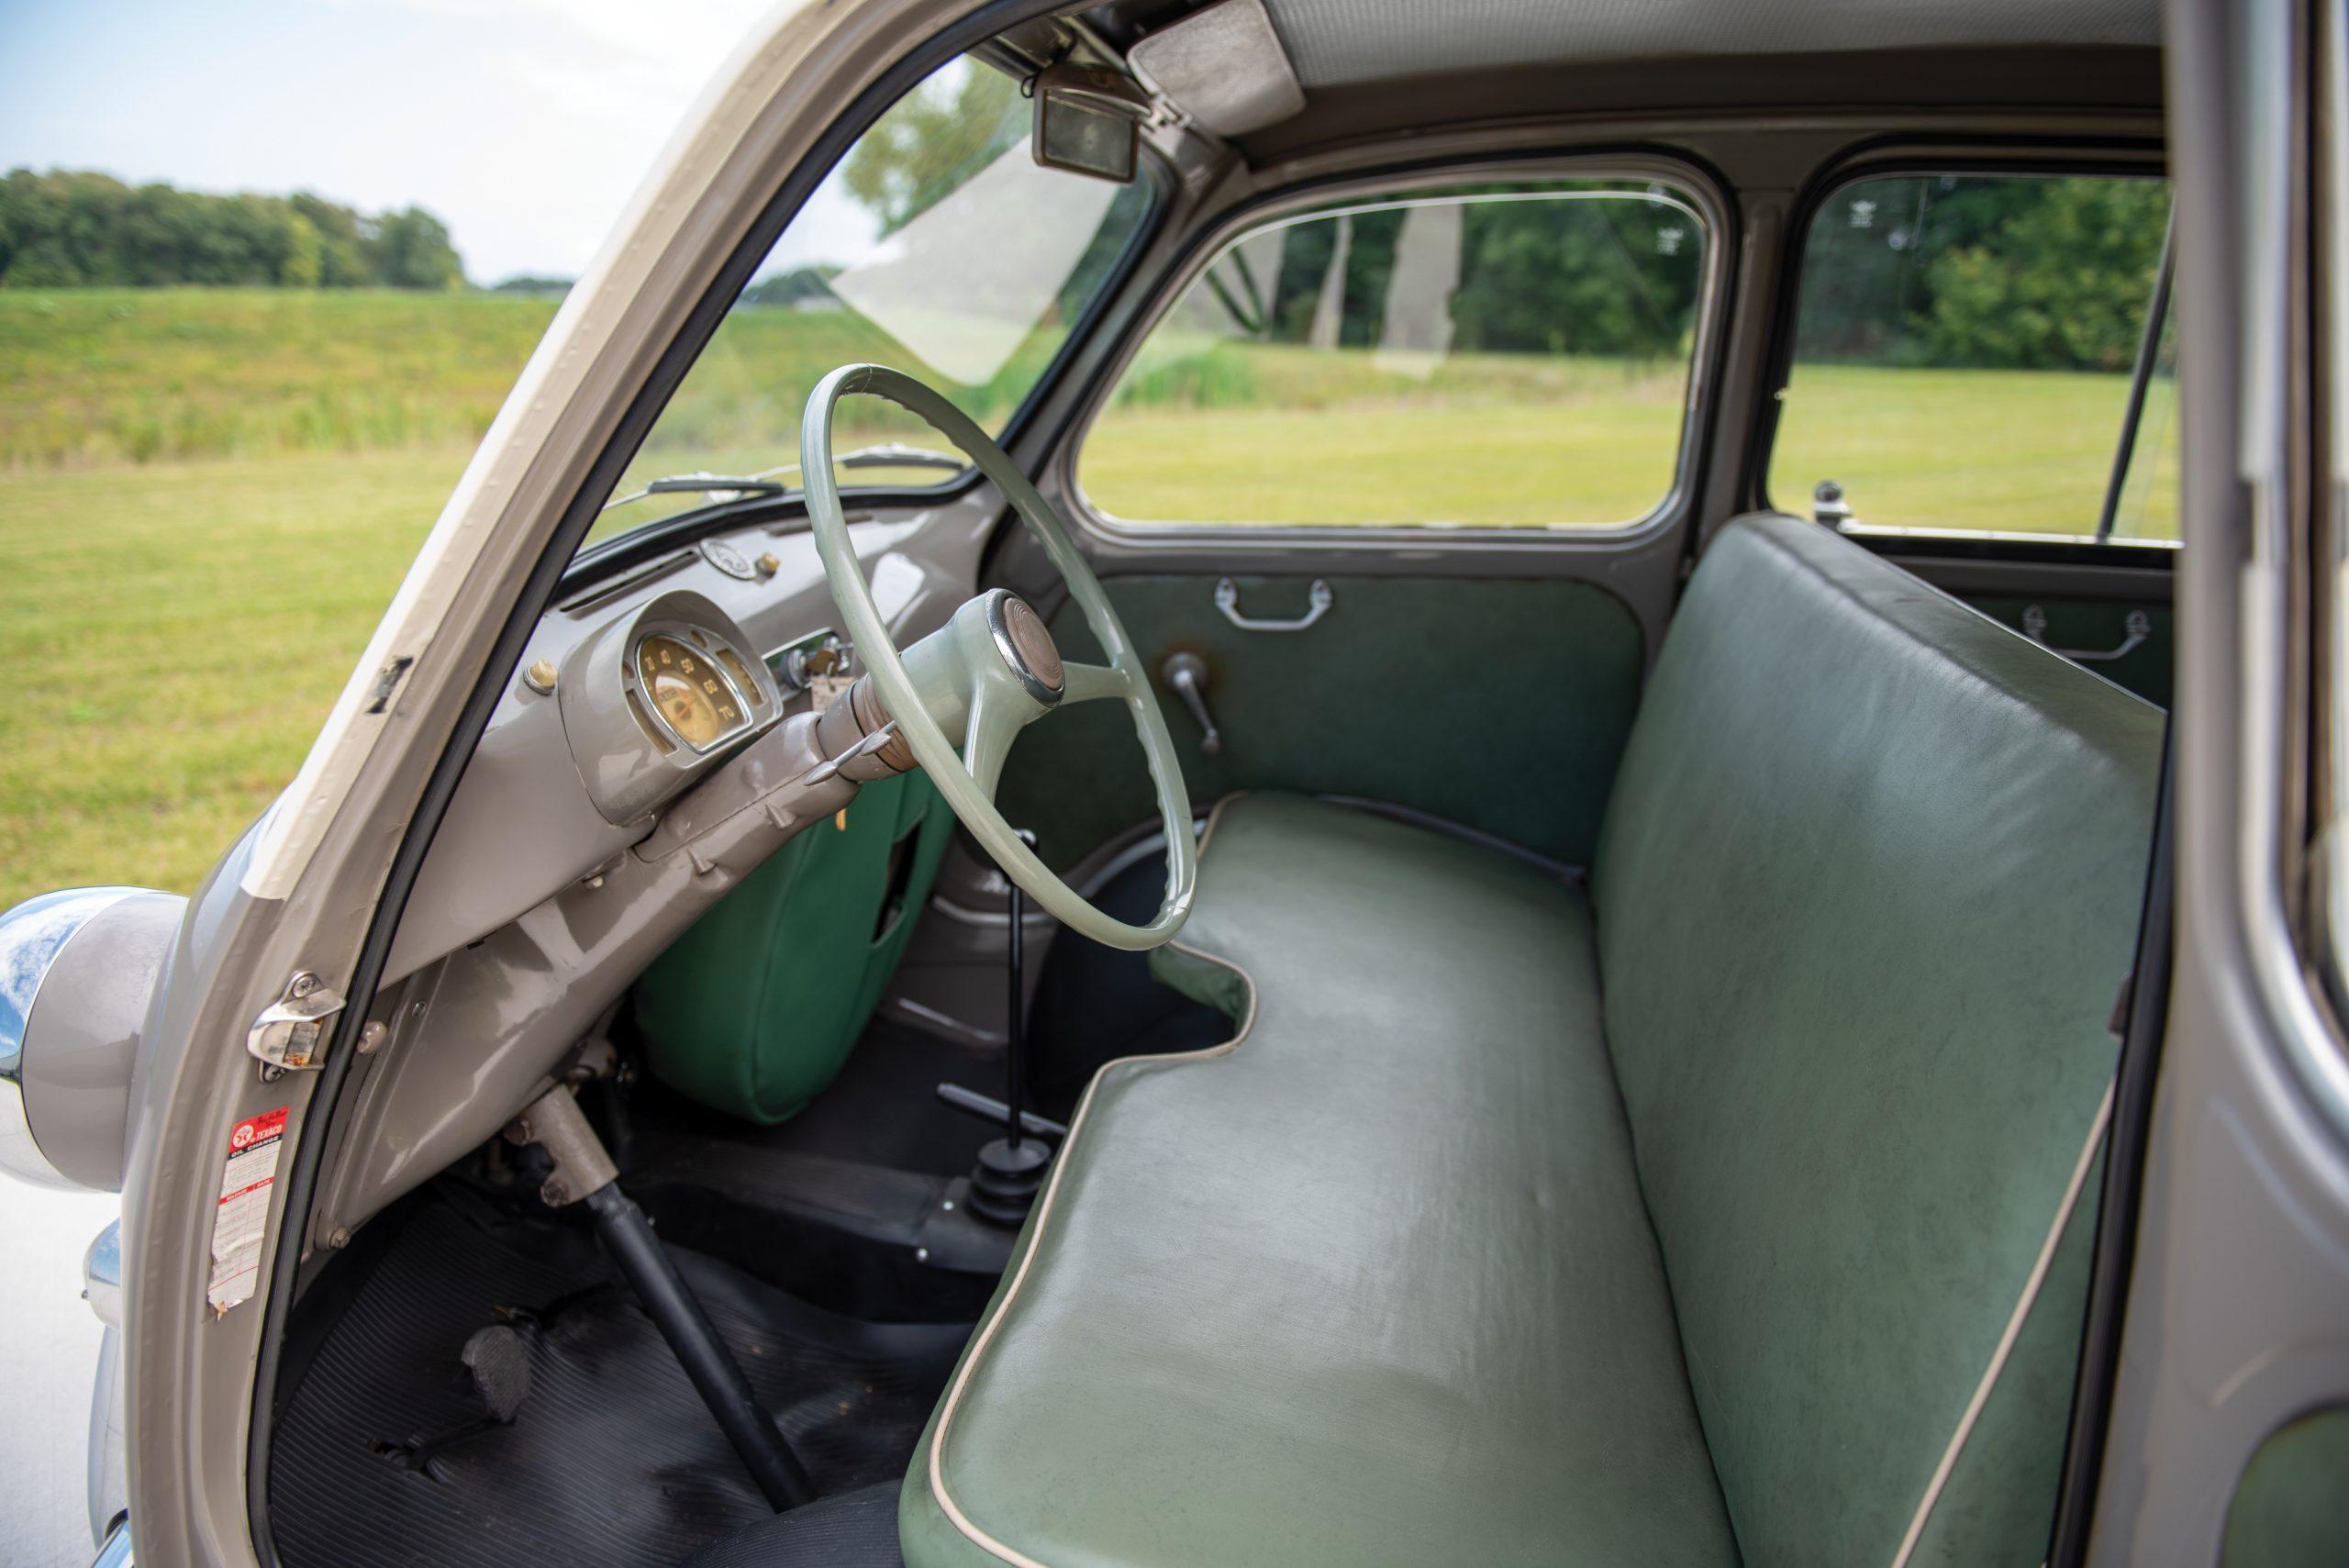 1958 Fiat 600 Multipla interior